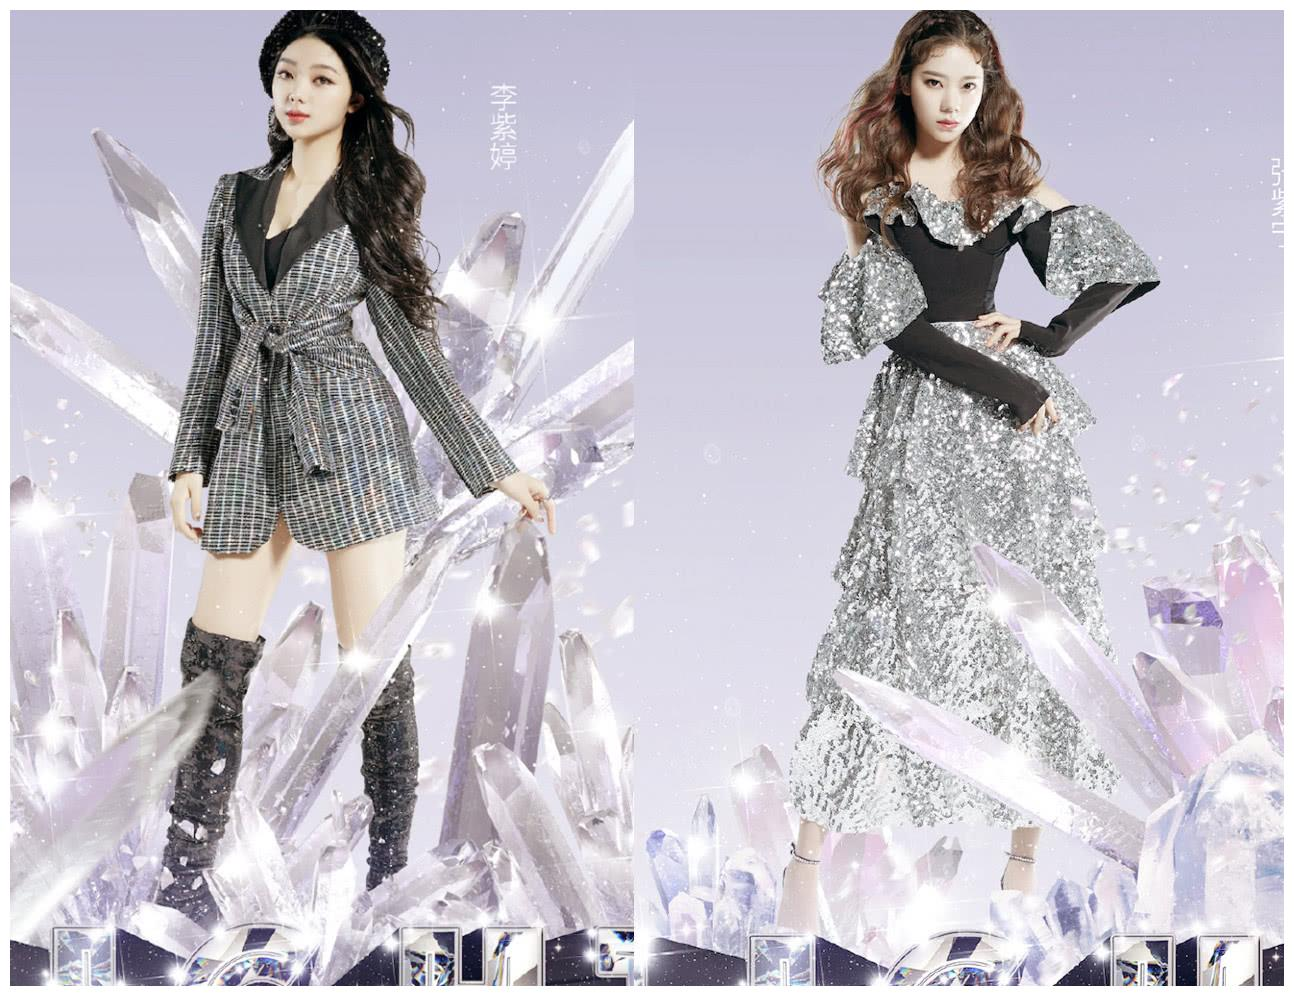 火箭少女演唱会海报,杨超越长腿抢镜,最有表现力的是她